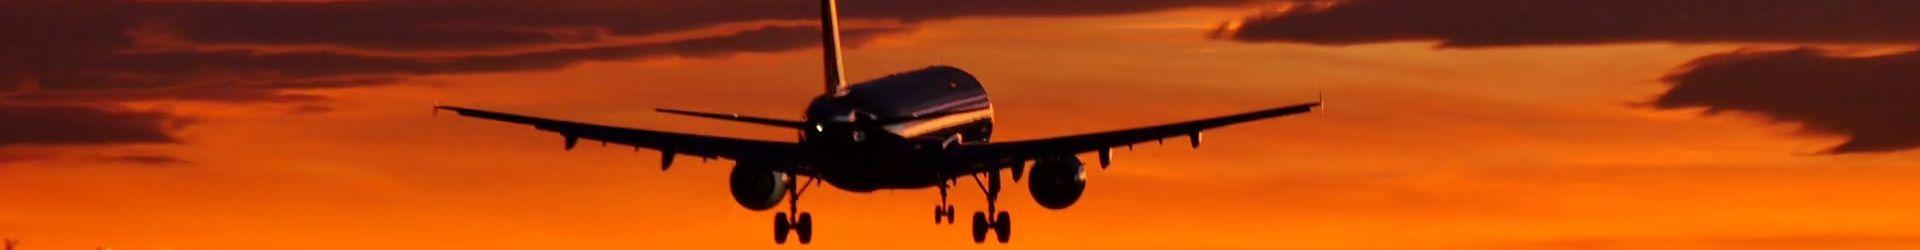 Servizio Professionale di Email Marketing riservato al Turismo | MailForAll